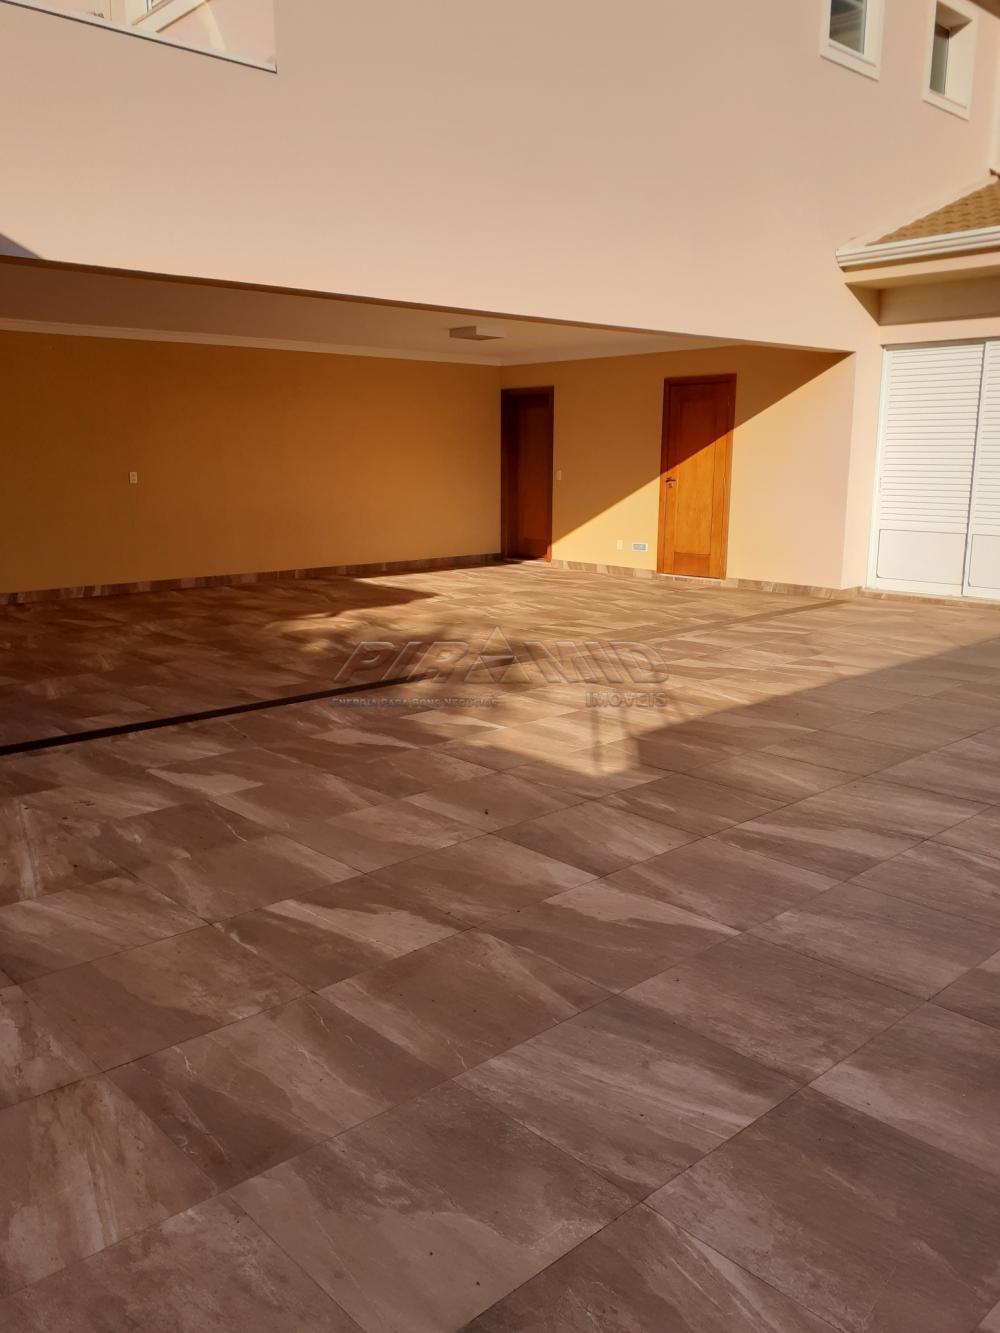 Comprar Casa / Condomínio em Ribeirão Preto apenas R$ 4.800.000,00 - Foto 21